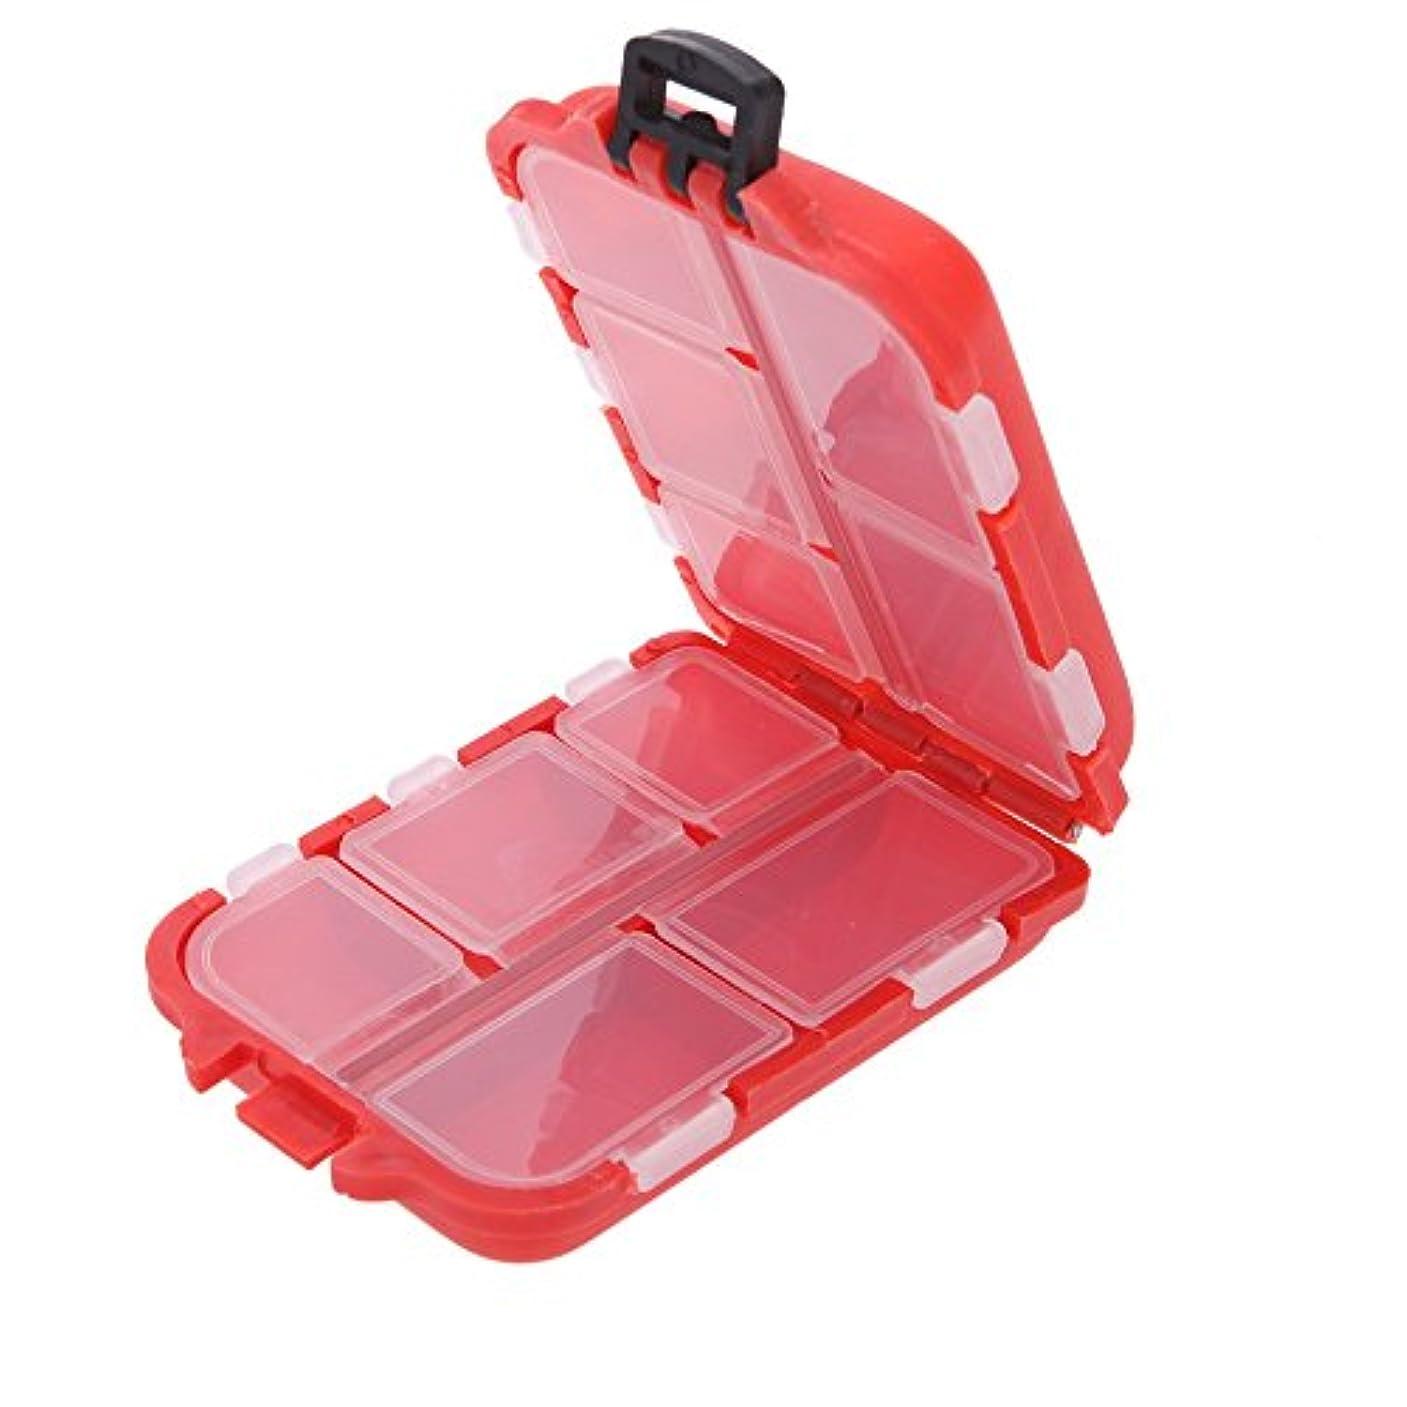 作成するメッセンジャー探偵釣り道具箱10コンパートメント小型釣りフック用スイベルビーズなど赤